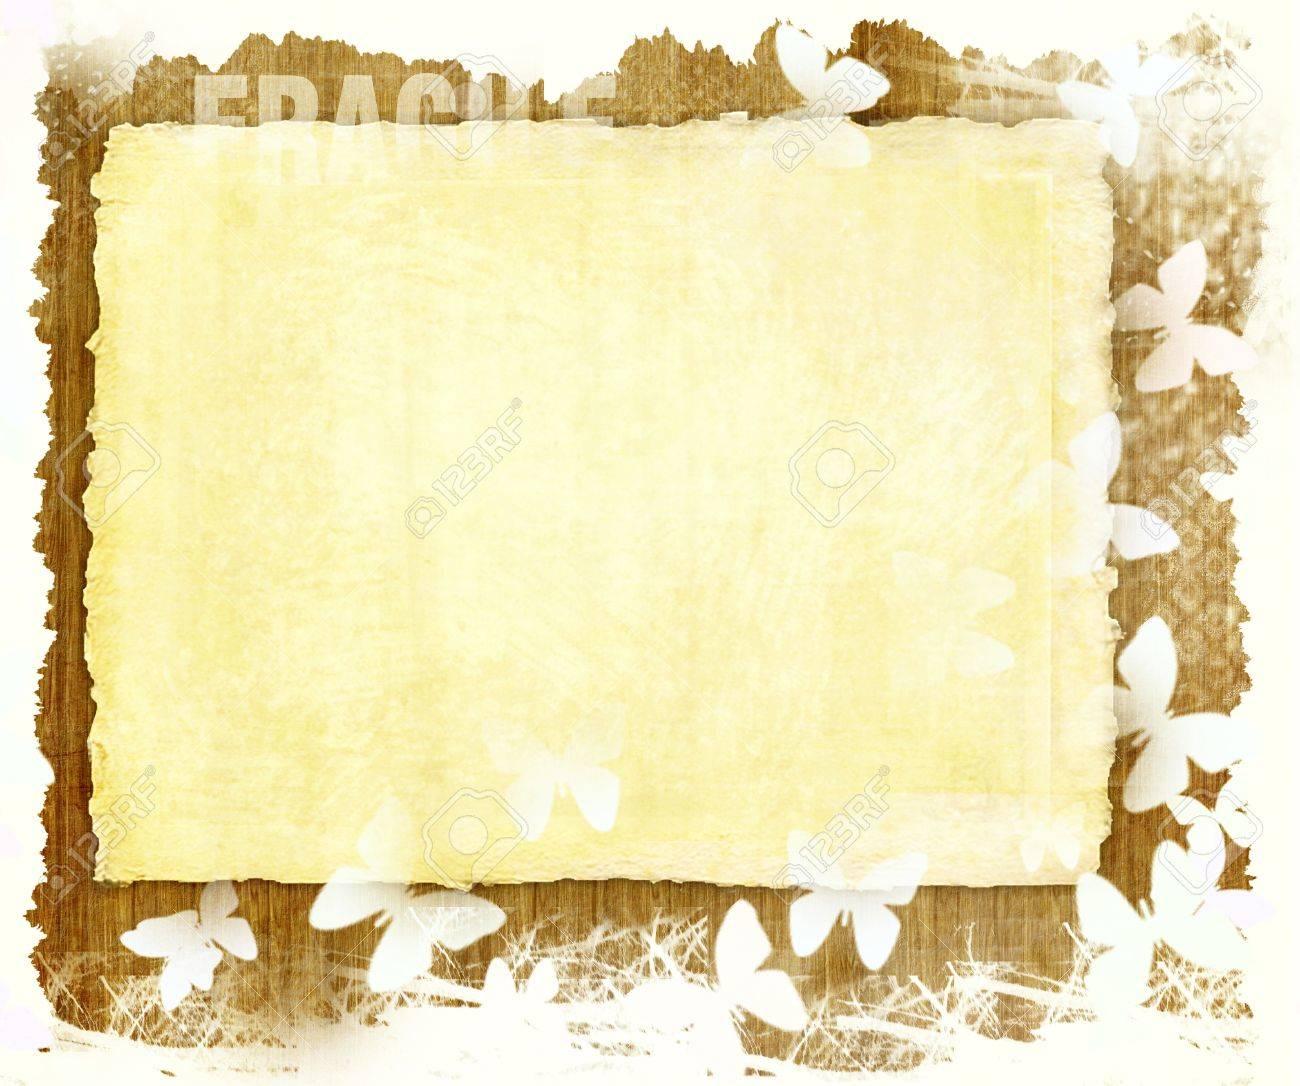 Página En Blanco De Papel Retro Con Mariposas Frontera Blanca En Una ...